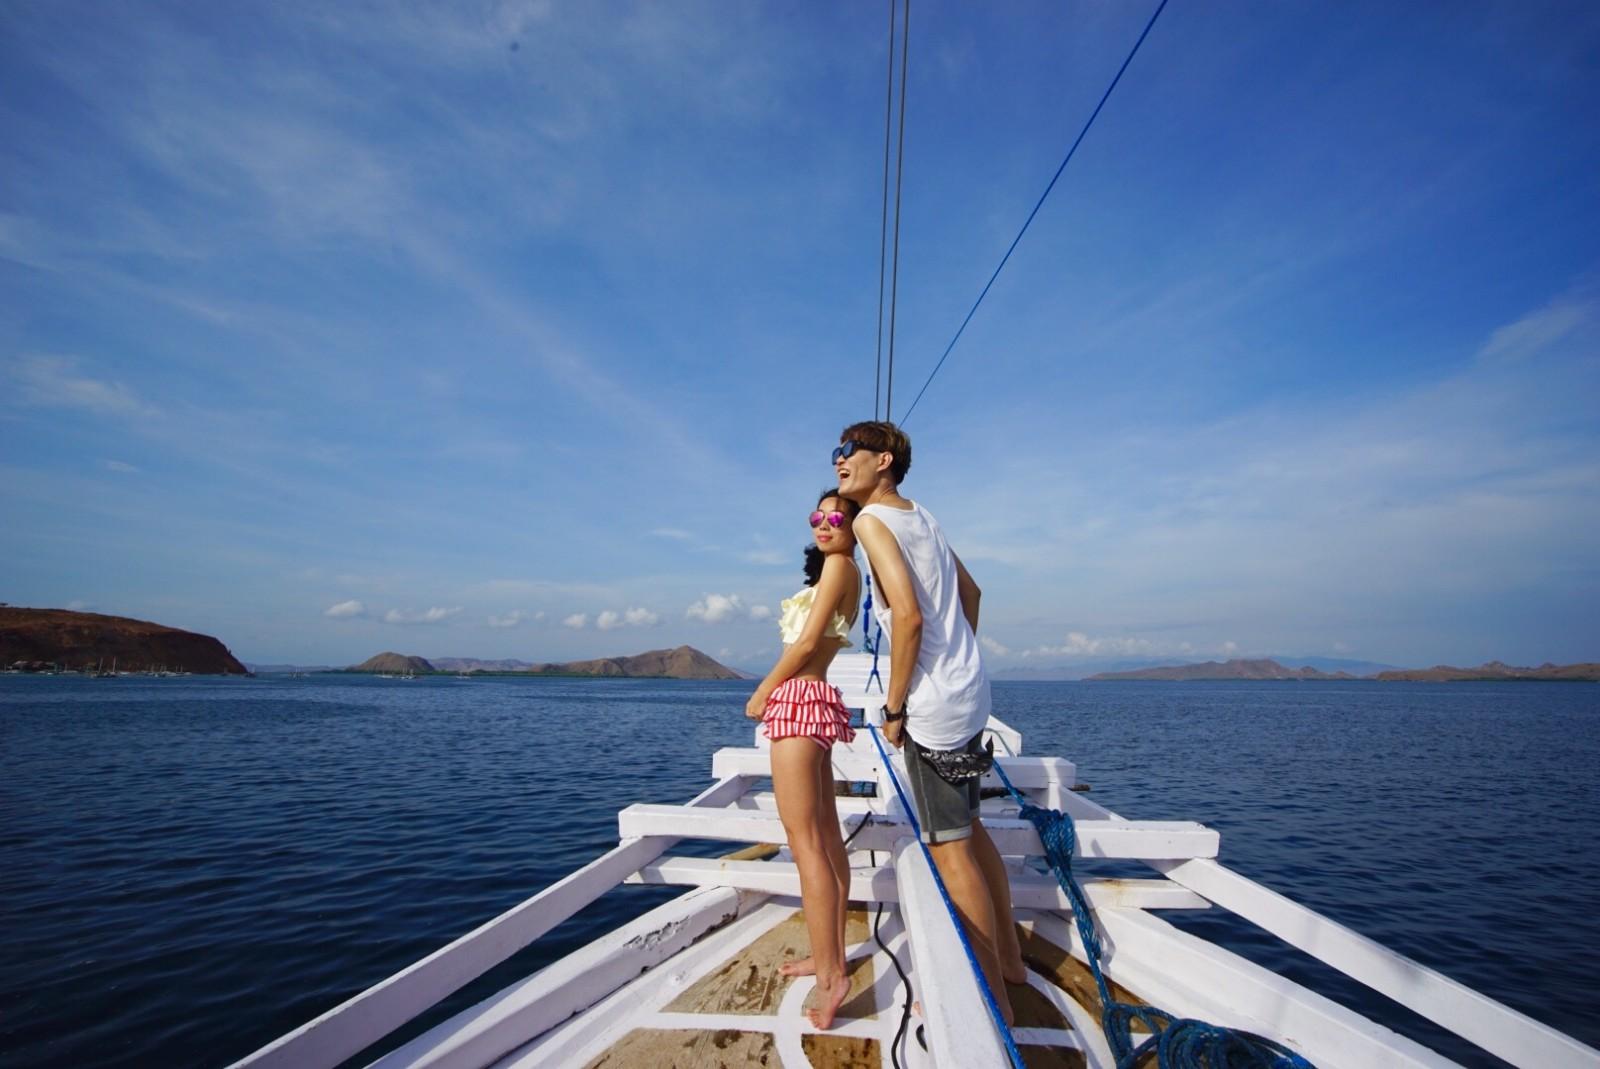 6天嗨翻浪漫印尼,粉红海滩邂逅科莫多巨蜥,宝宝惊呆了